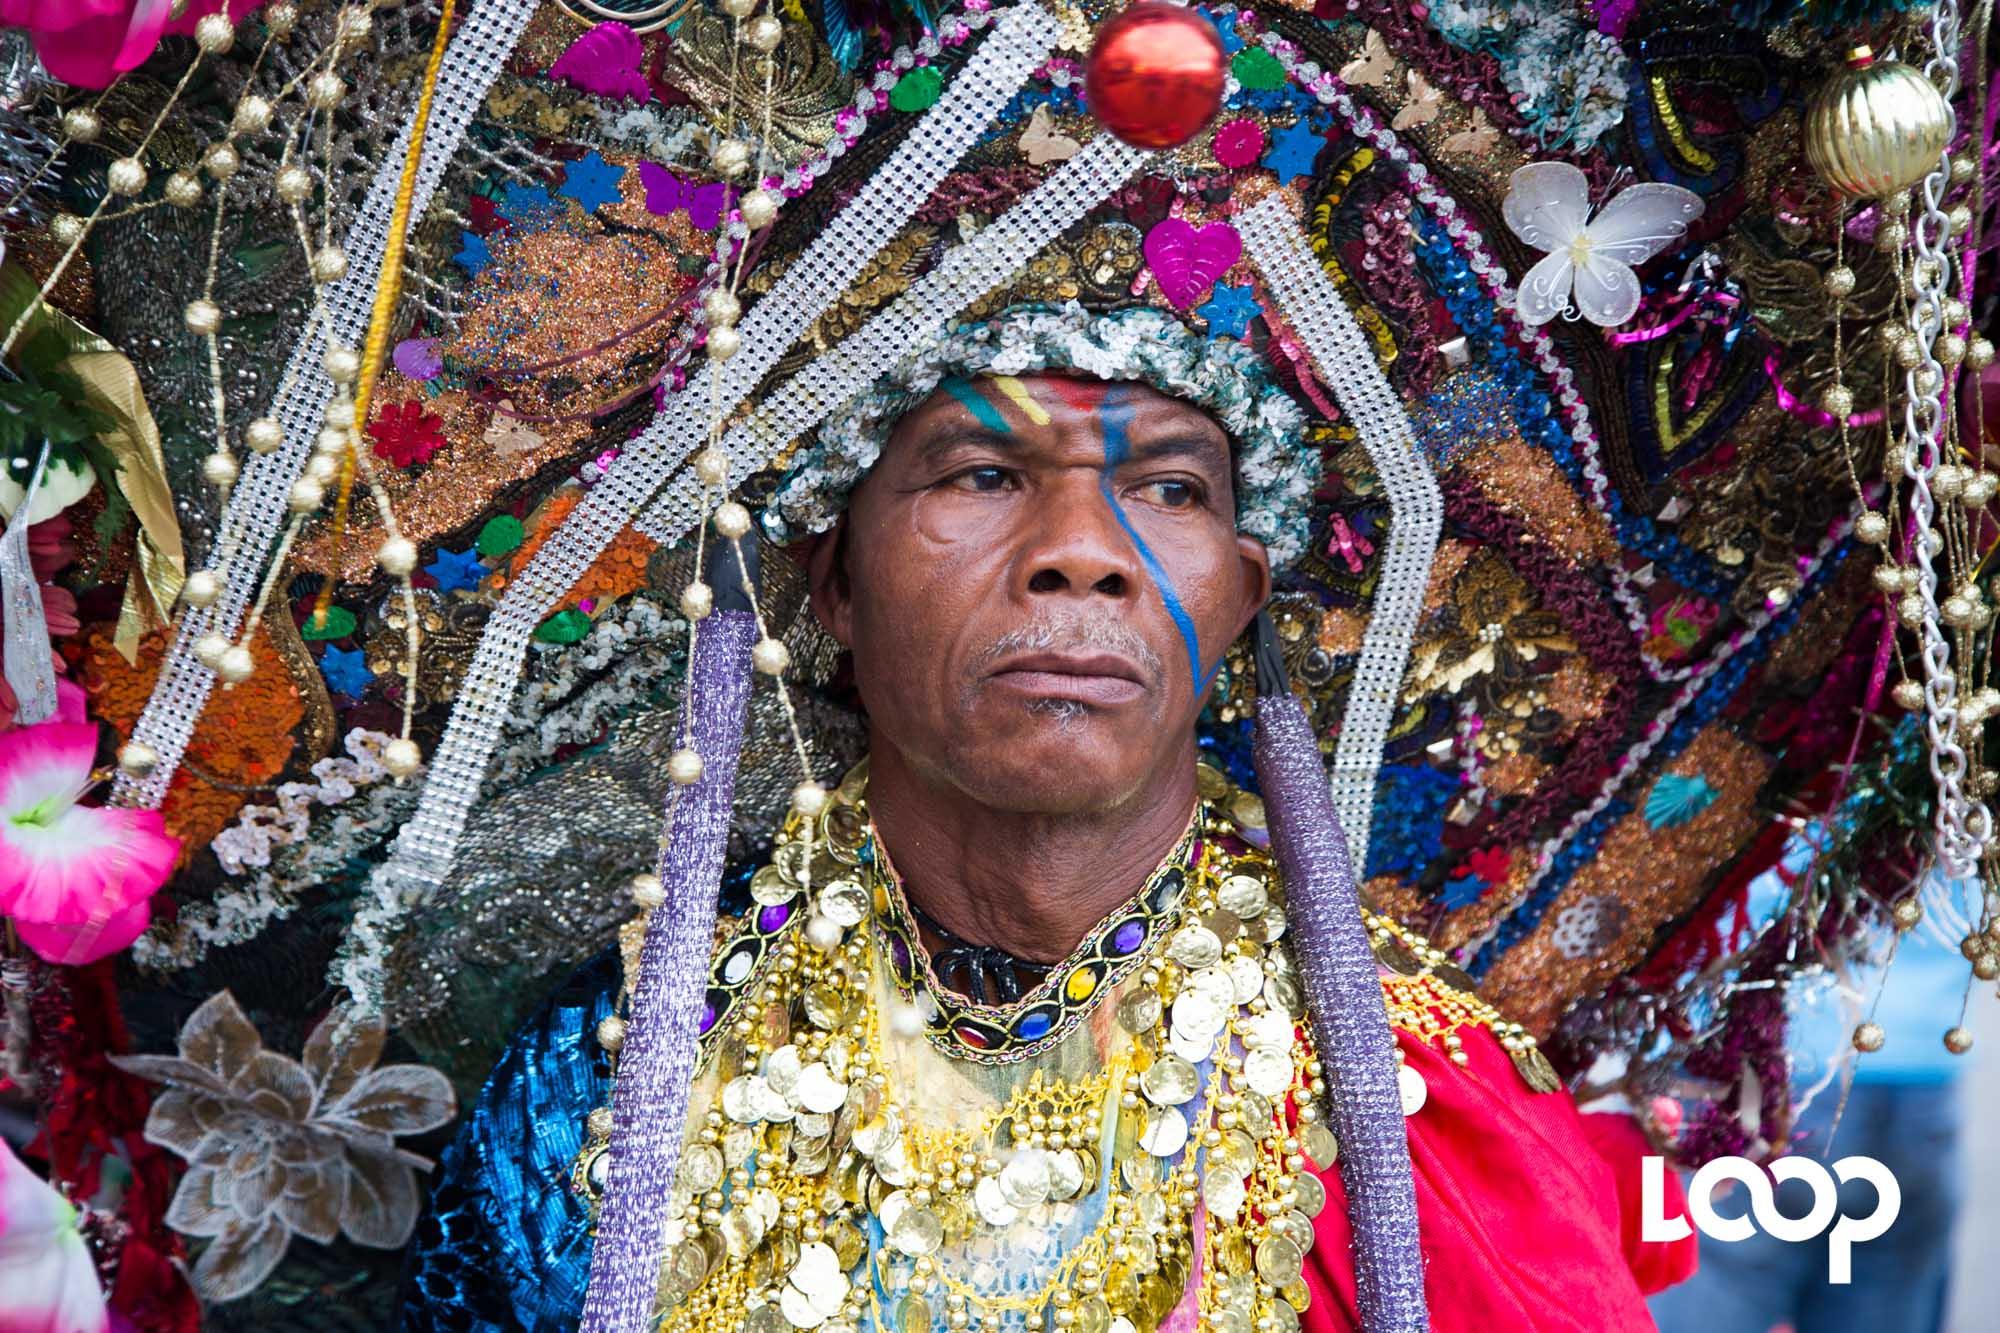 Ce carnaval marque un nouveau tournant : le triomphe de Roody Roodboy sur les ténors traditionnels. /Estailove St-Val/LoopHaïti